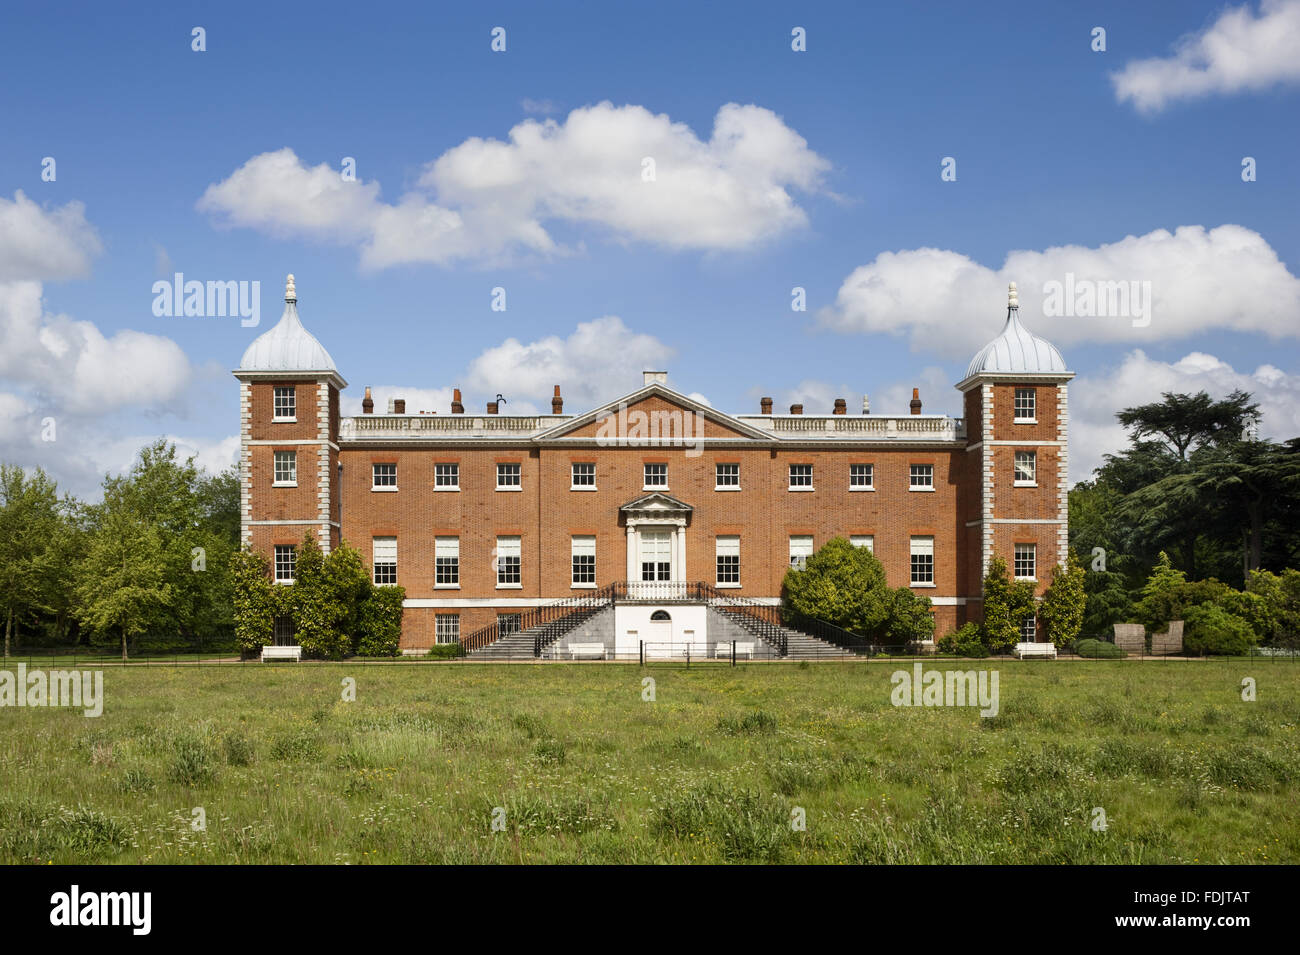 Il West o il giardino antistante la casa con scale curve a Osterley, Middlesex. La casa era originariamente Elizabethan, e rimaneggiata nel 1760 - 80 da Robert Adam. Foto Stock